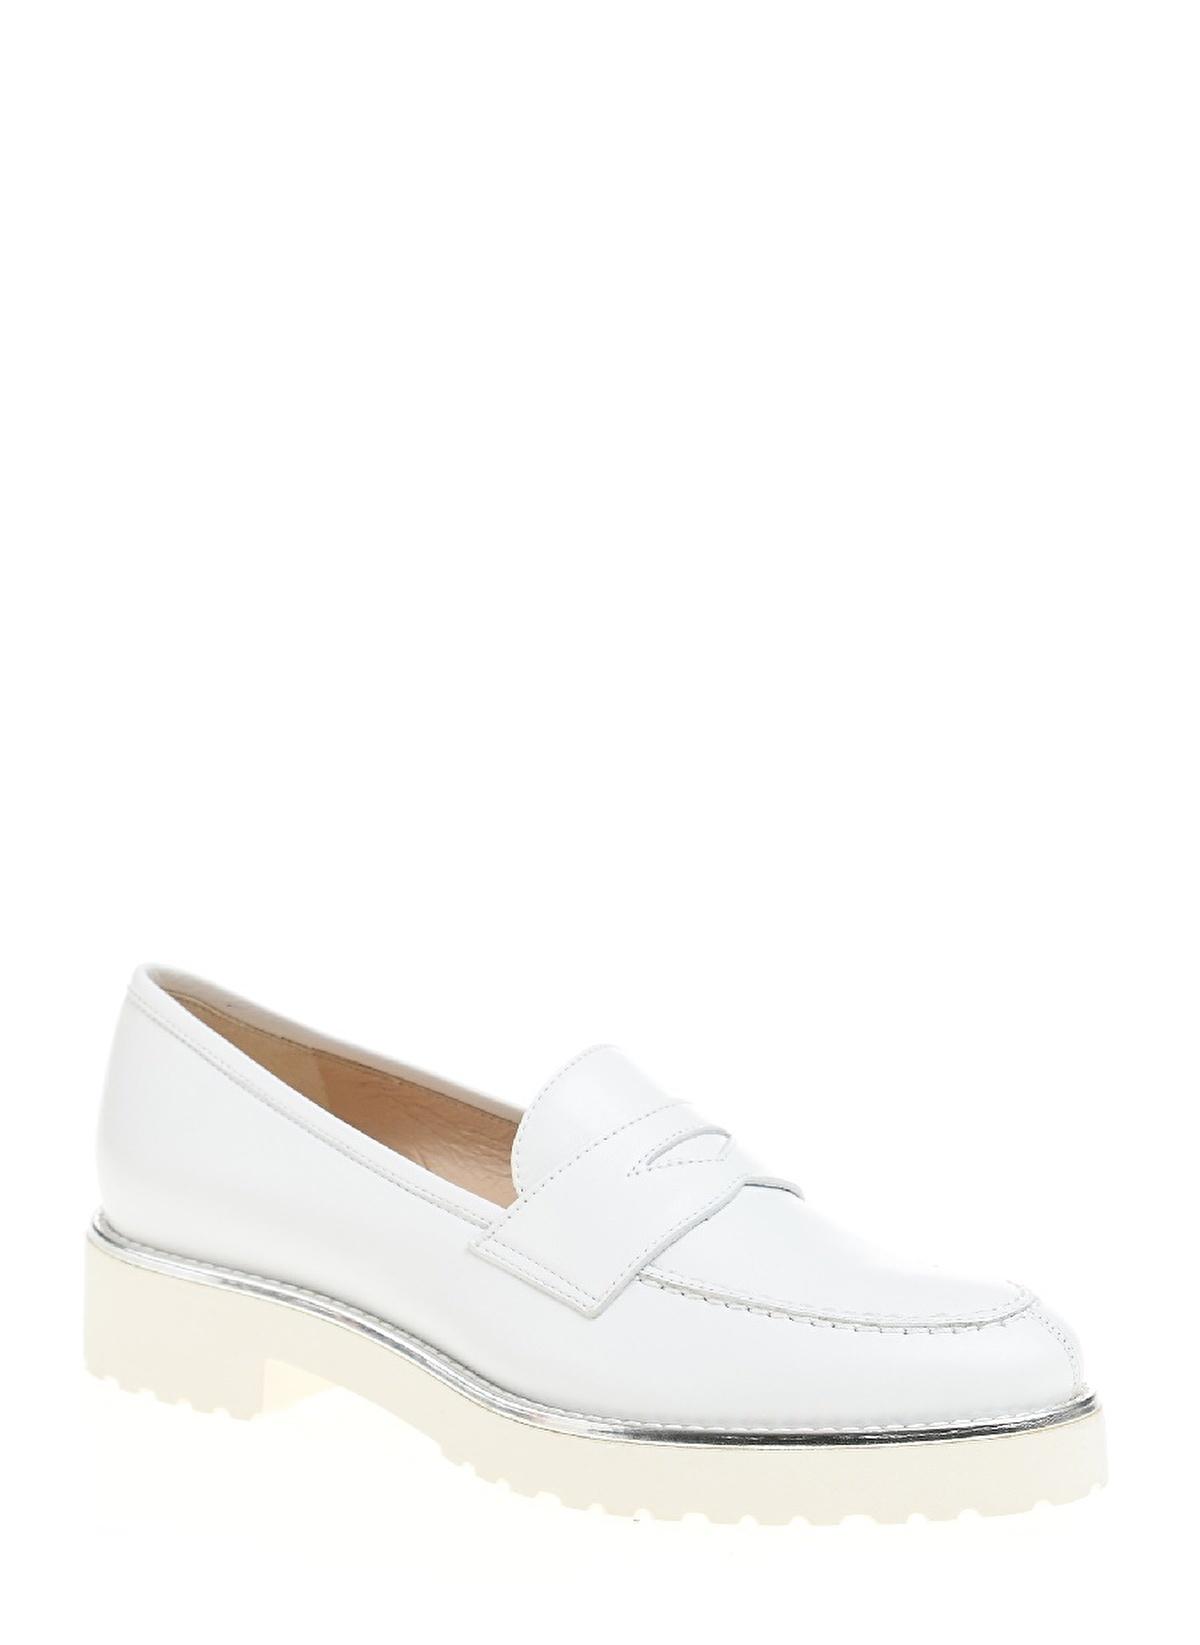 Divarese Loafer Ayakkabı 5019768-k-loafer – 349.0 TL